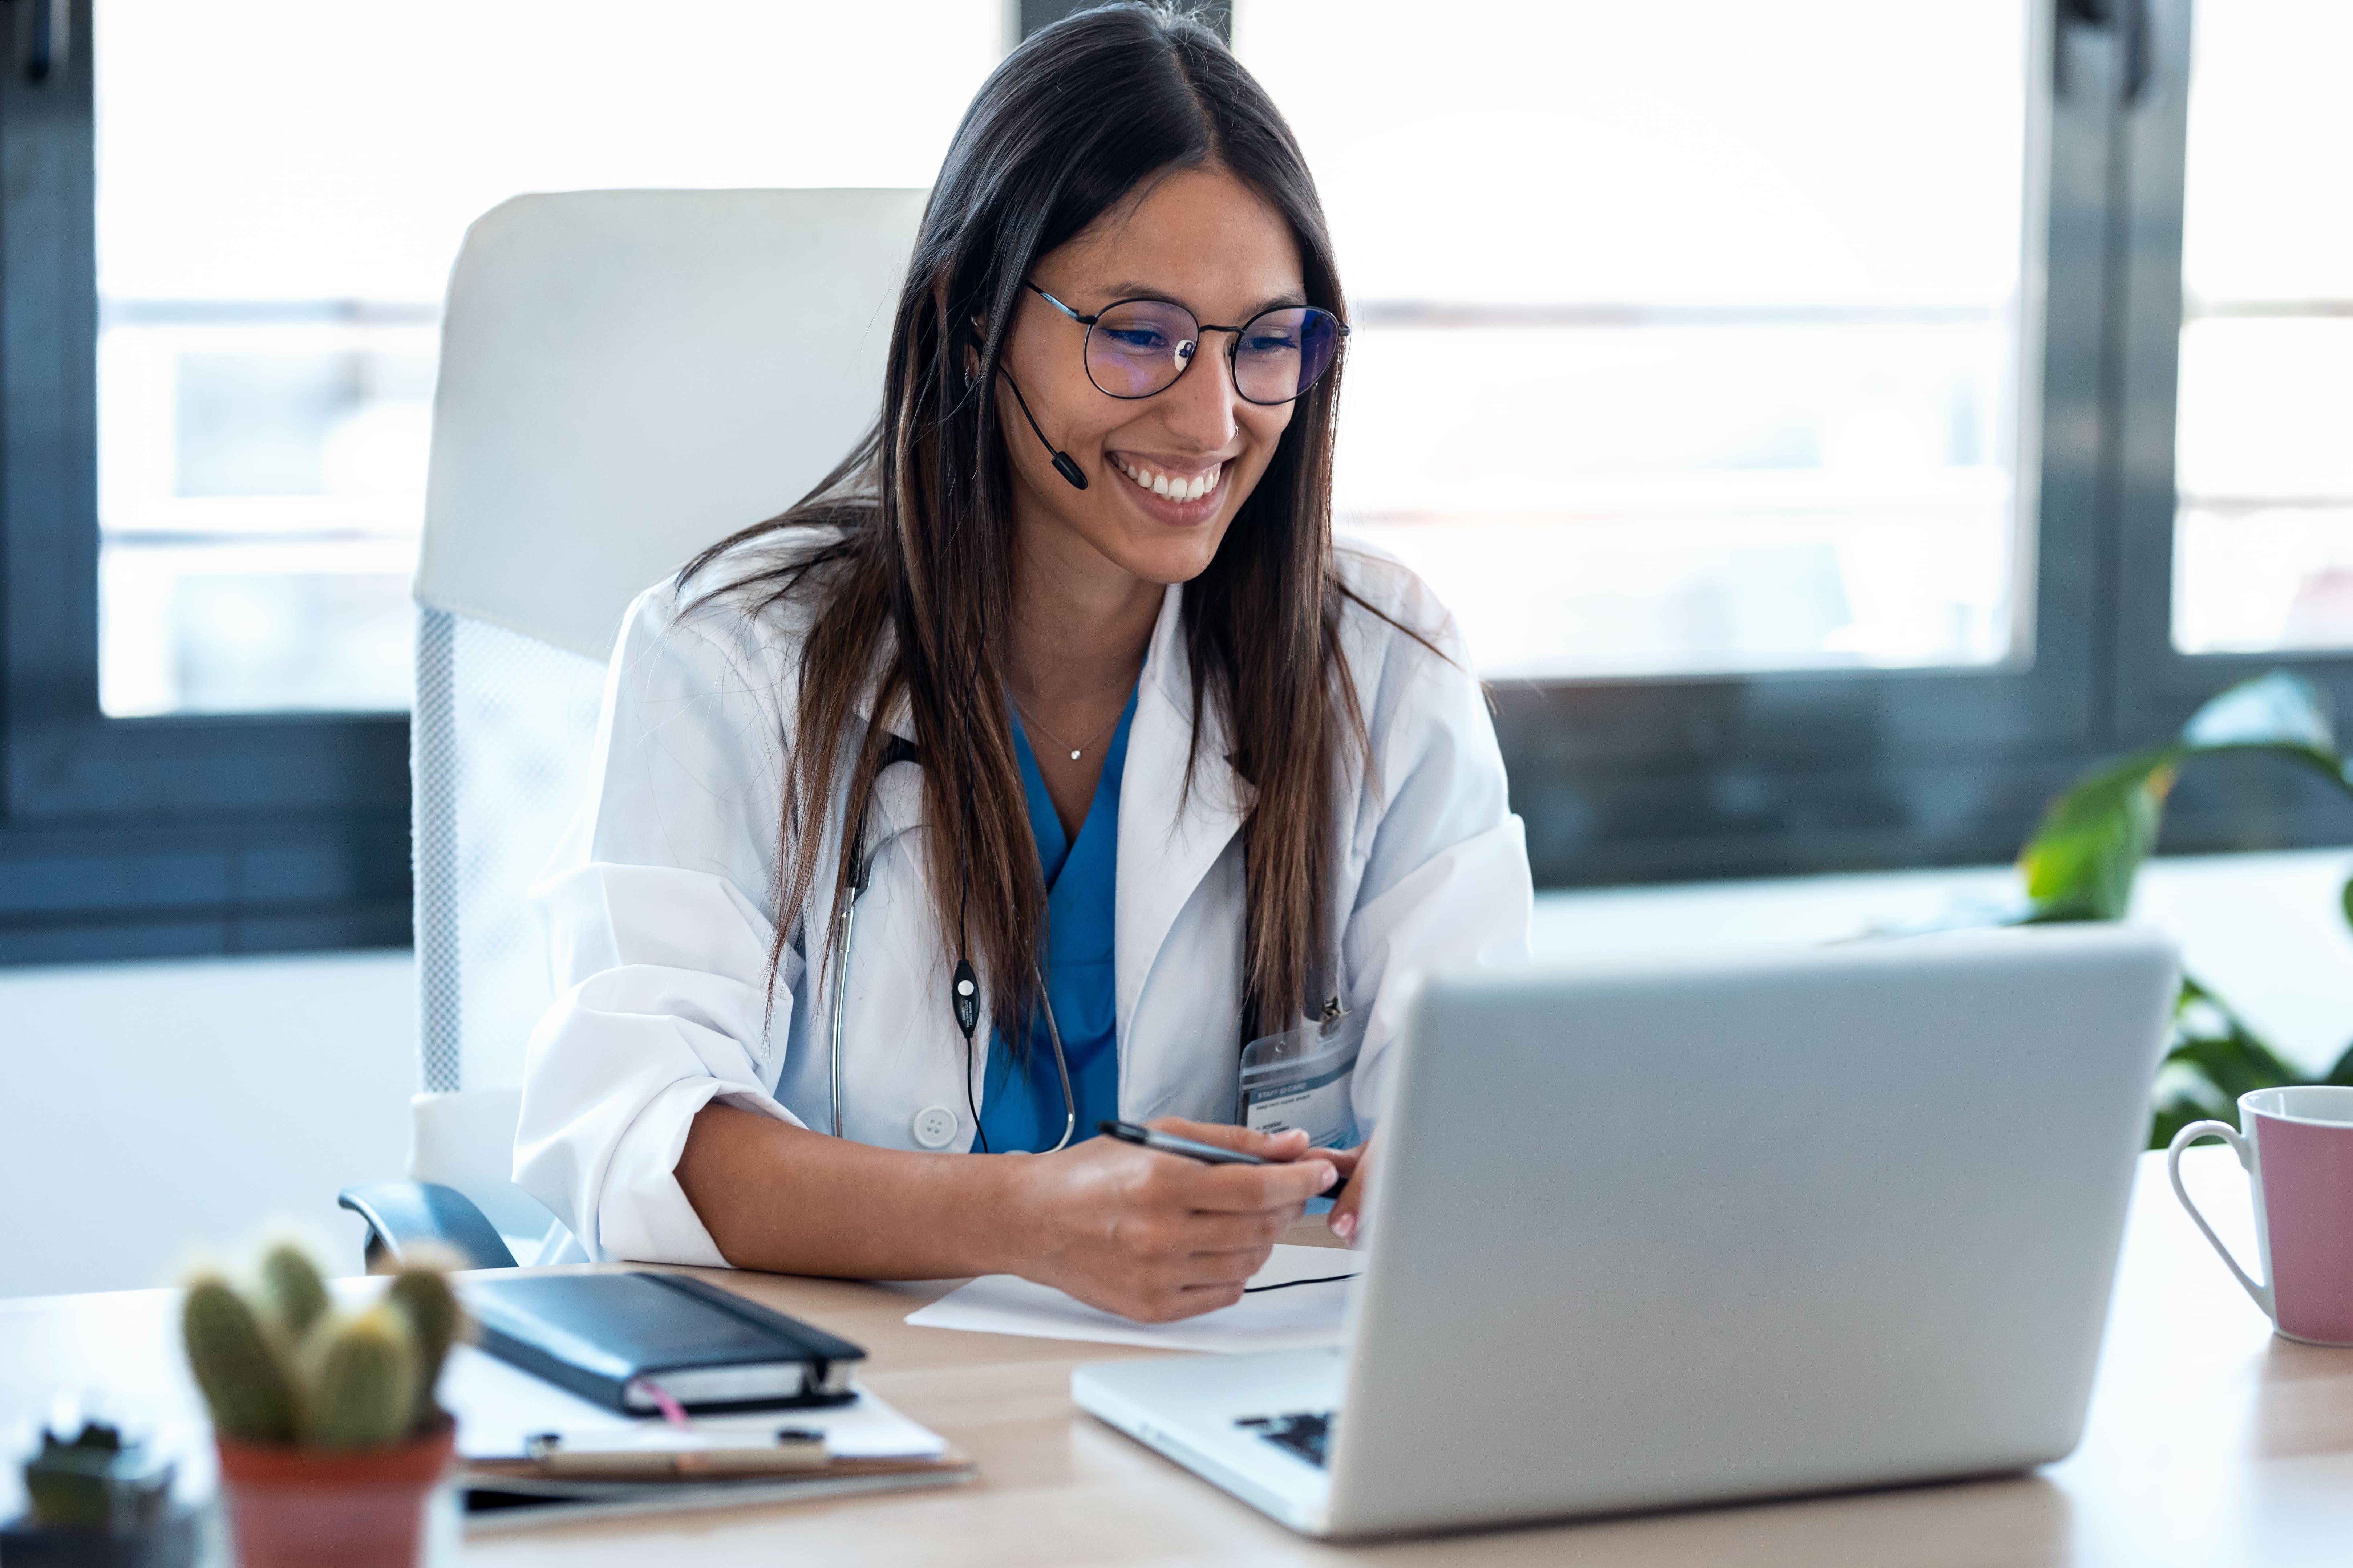 Ärztin bei einer Videokonsultation